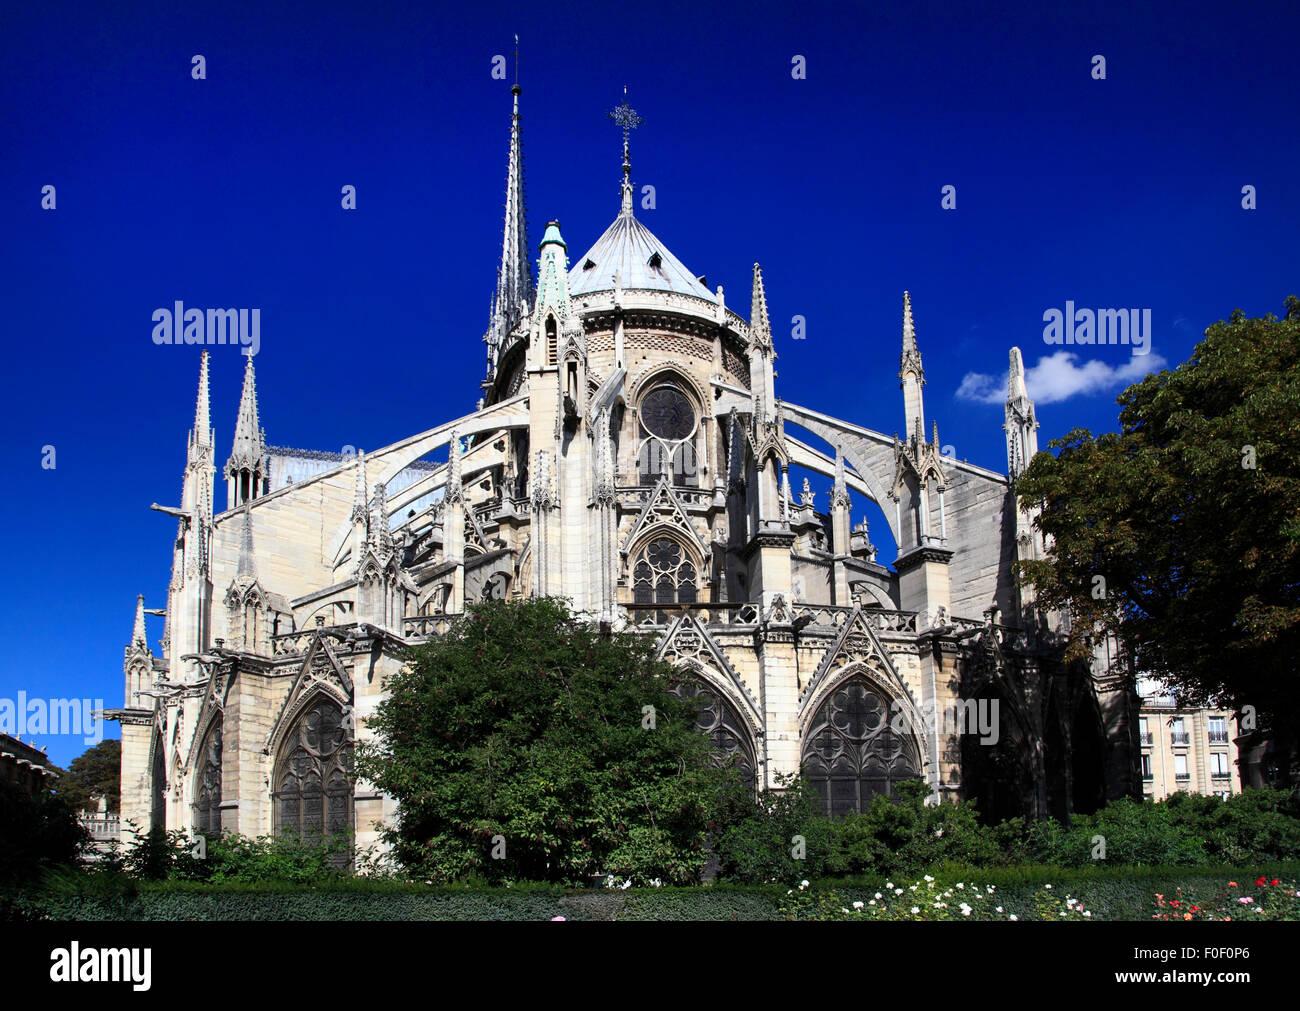 Notre Dame de Paris, Paris, France, Europe - Stock Image